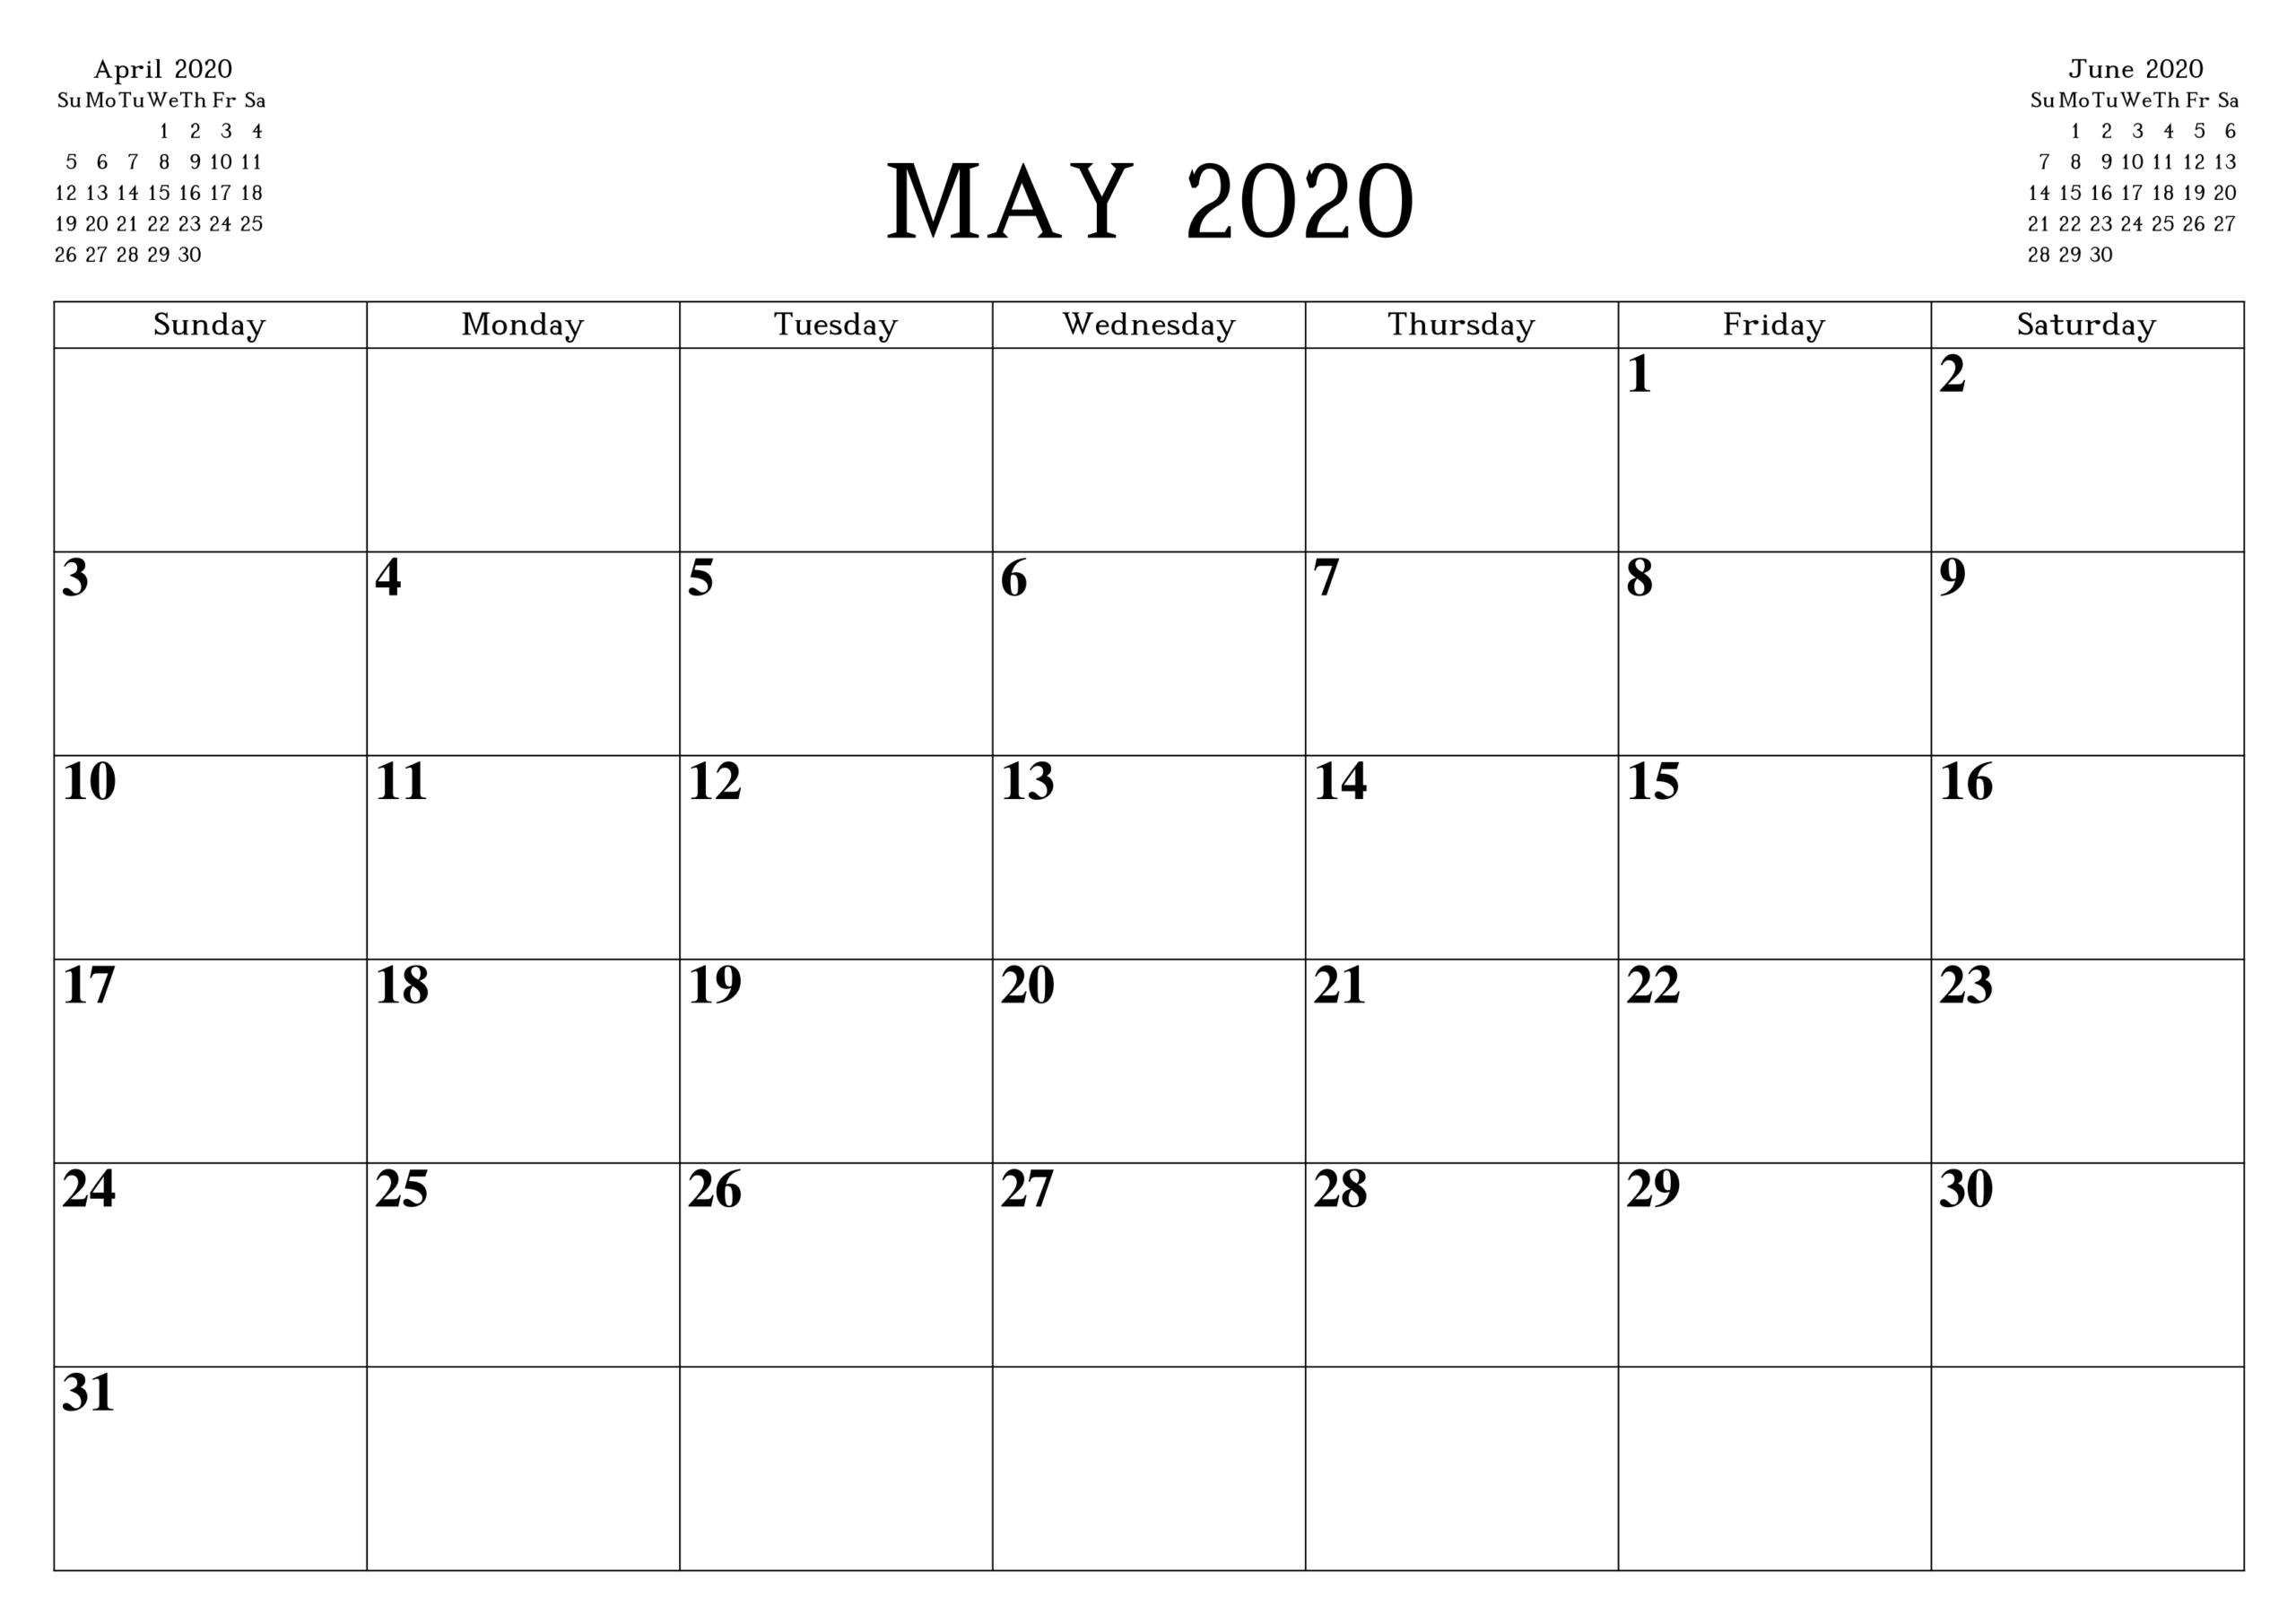 May 2020 Calendar Printable Word Pdf Waterproof - Free for Waterproof Calendar 2021